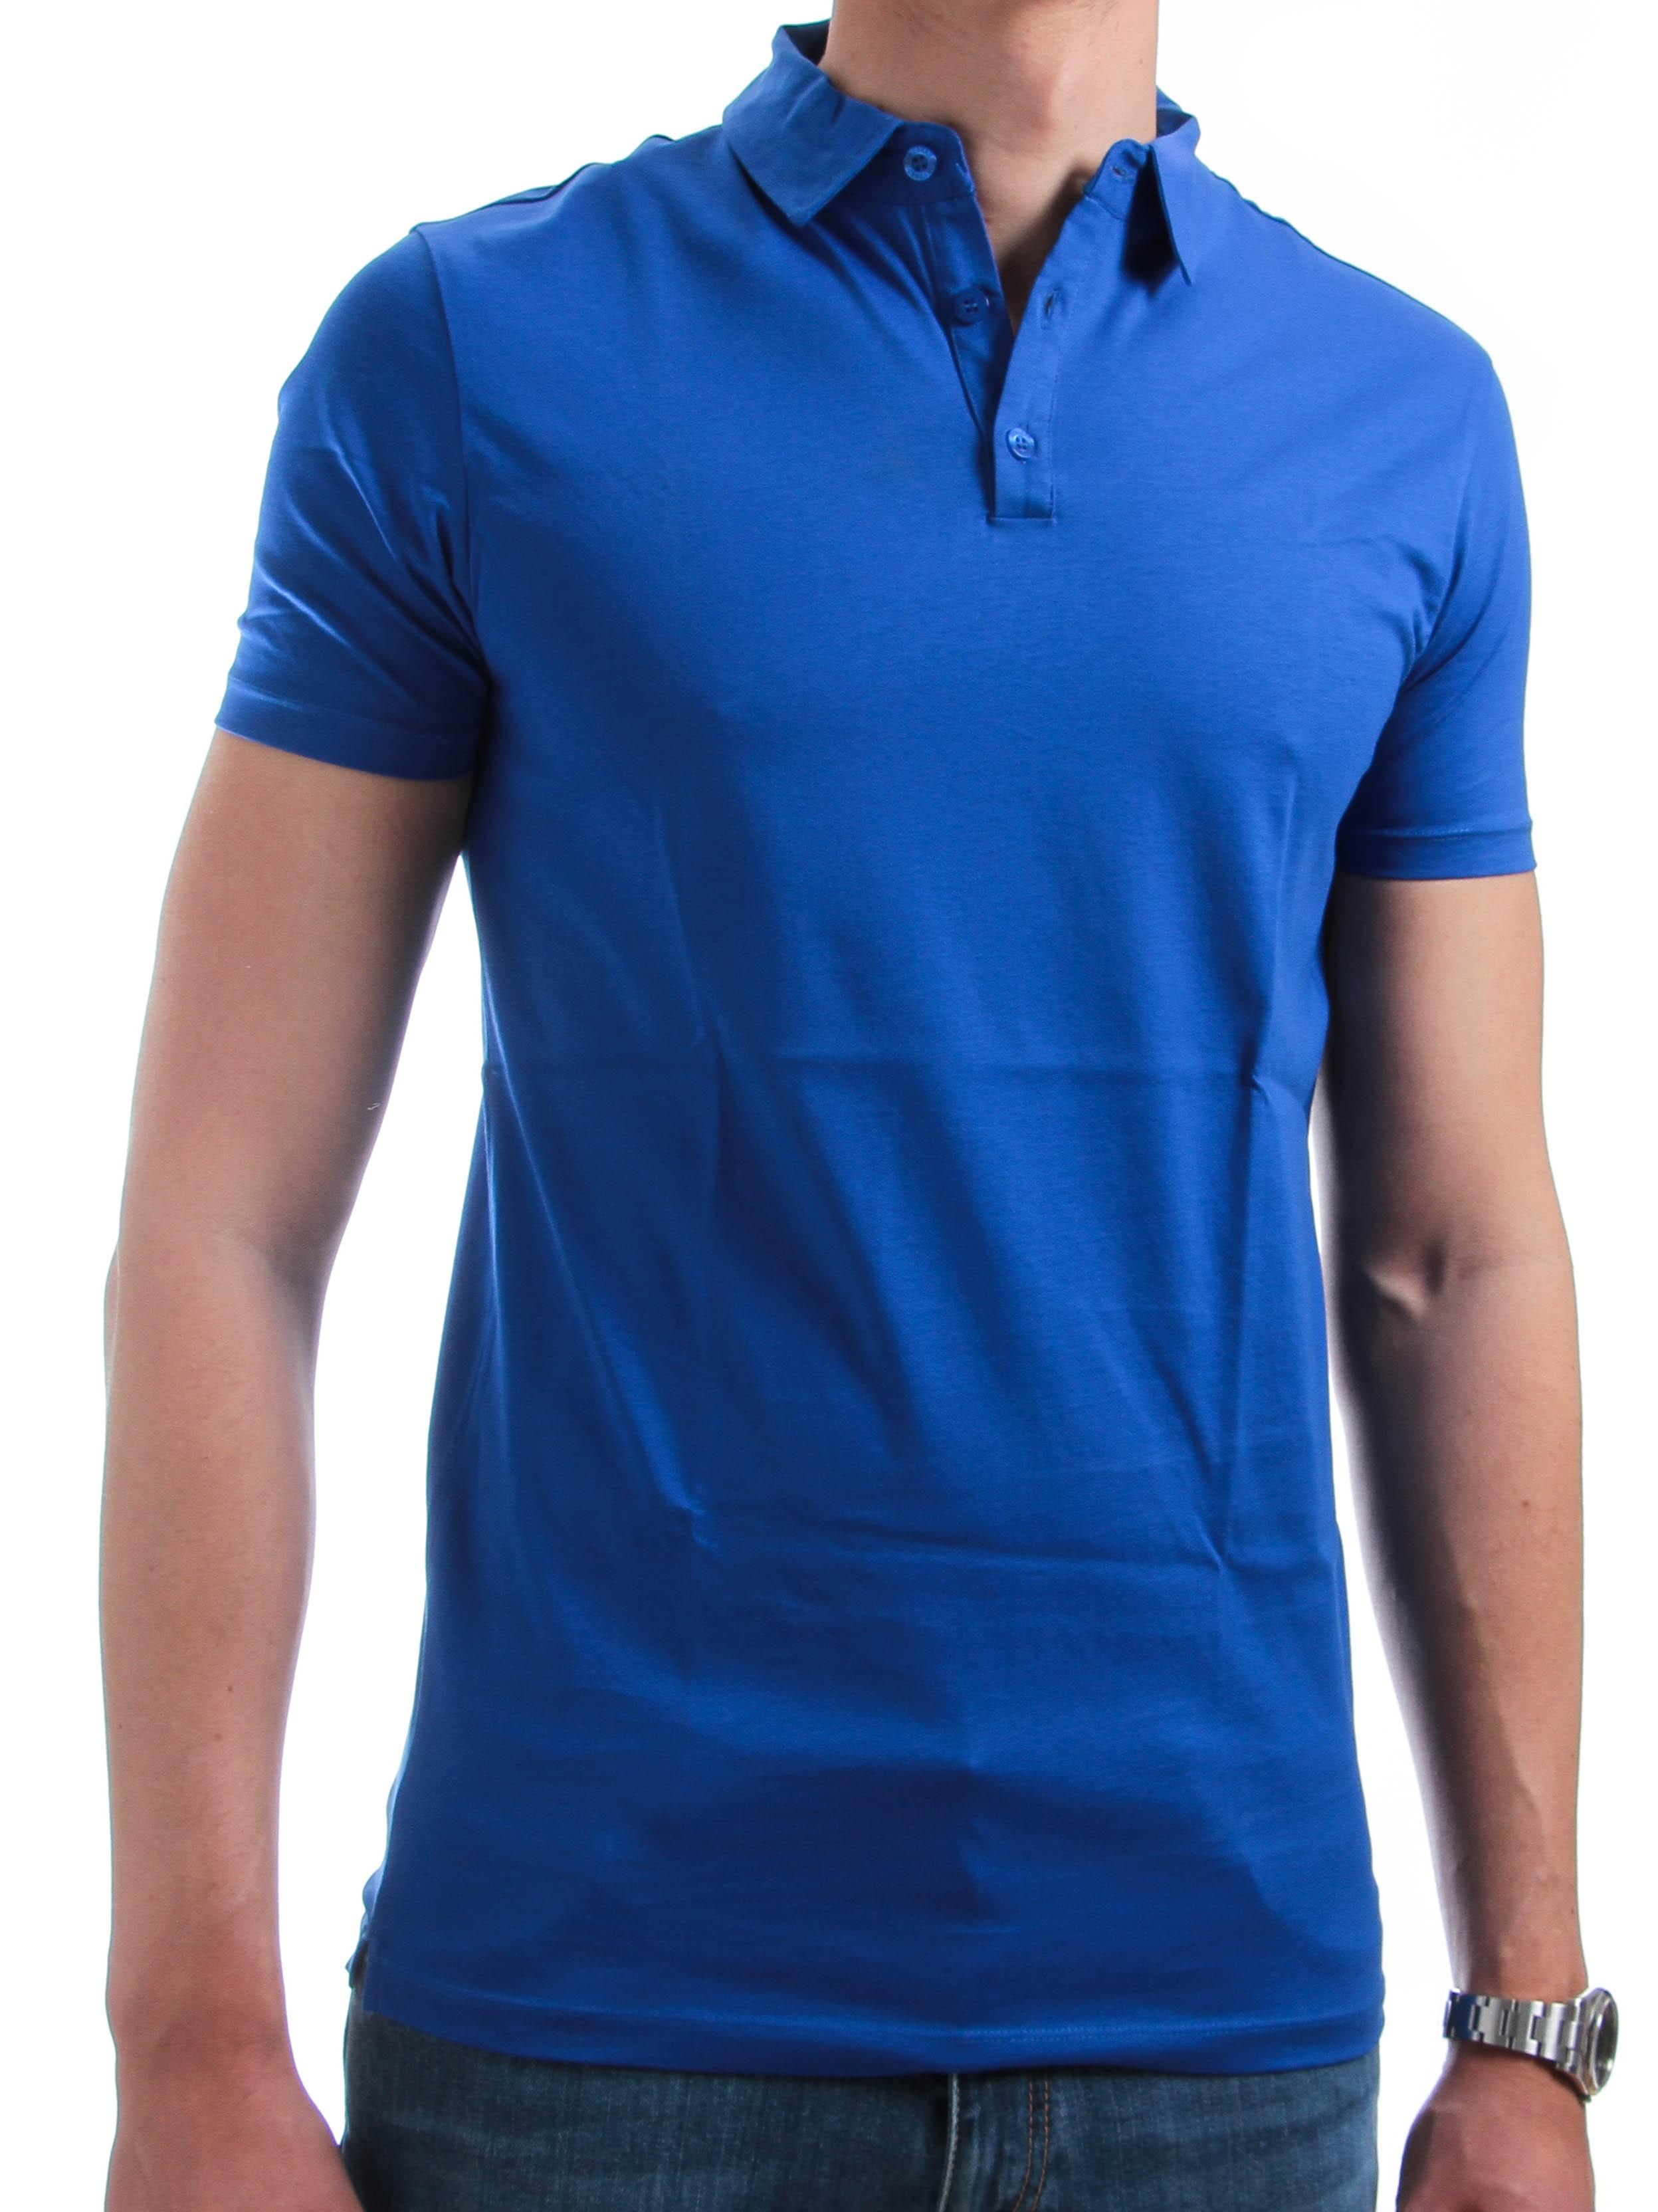 Polo Italy : bleu - Col boutonné - Fil d'écosse (POLOS)